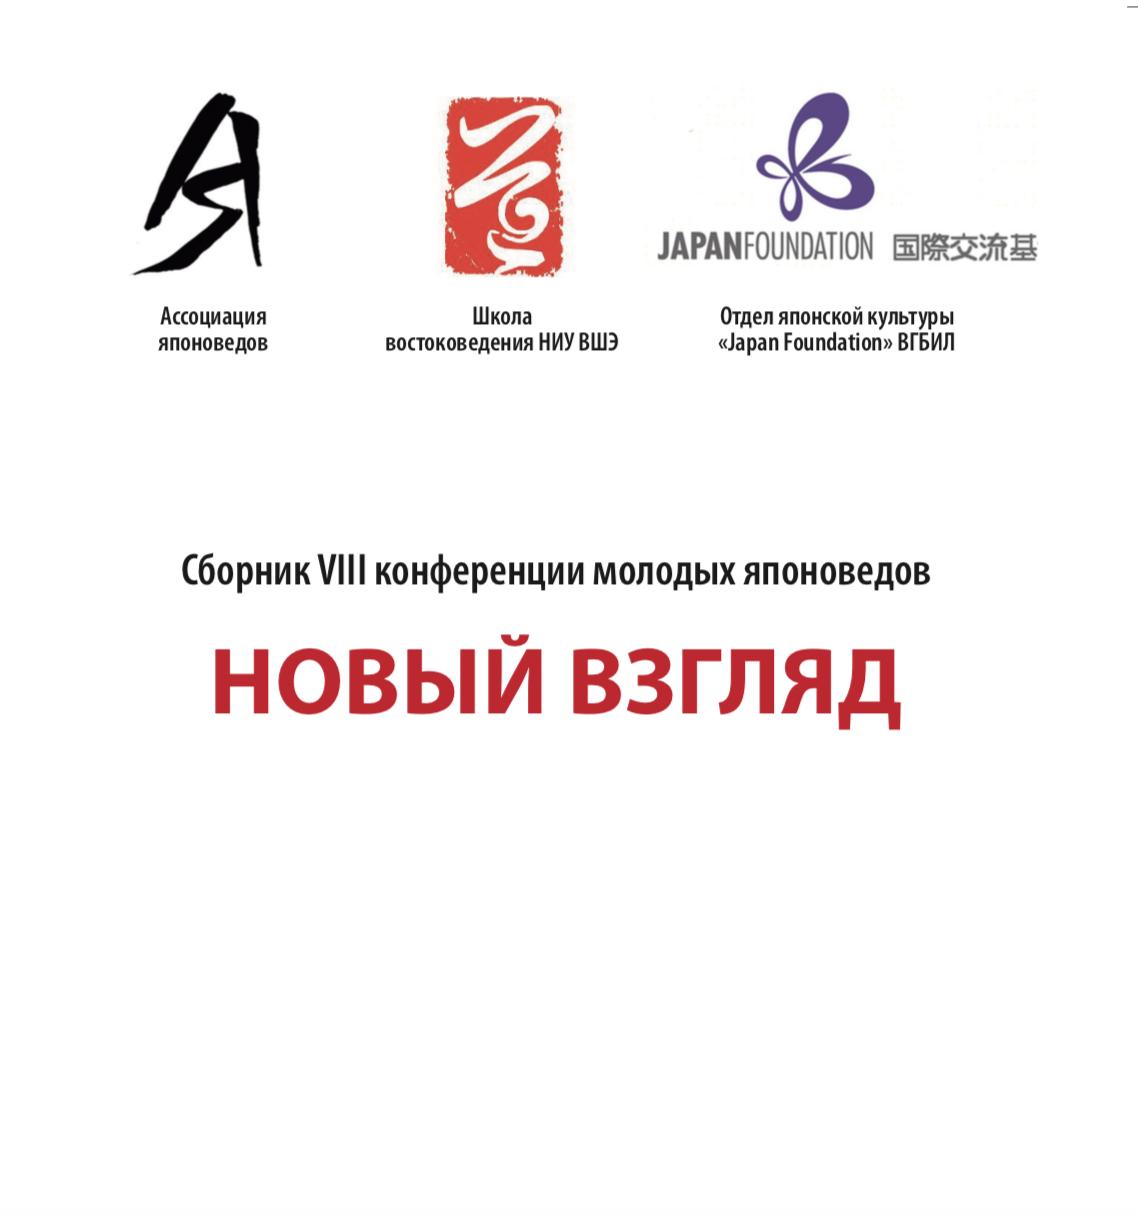 """Сборник VIII конференции молодых японоведов """"Новый взгляд"""""""